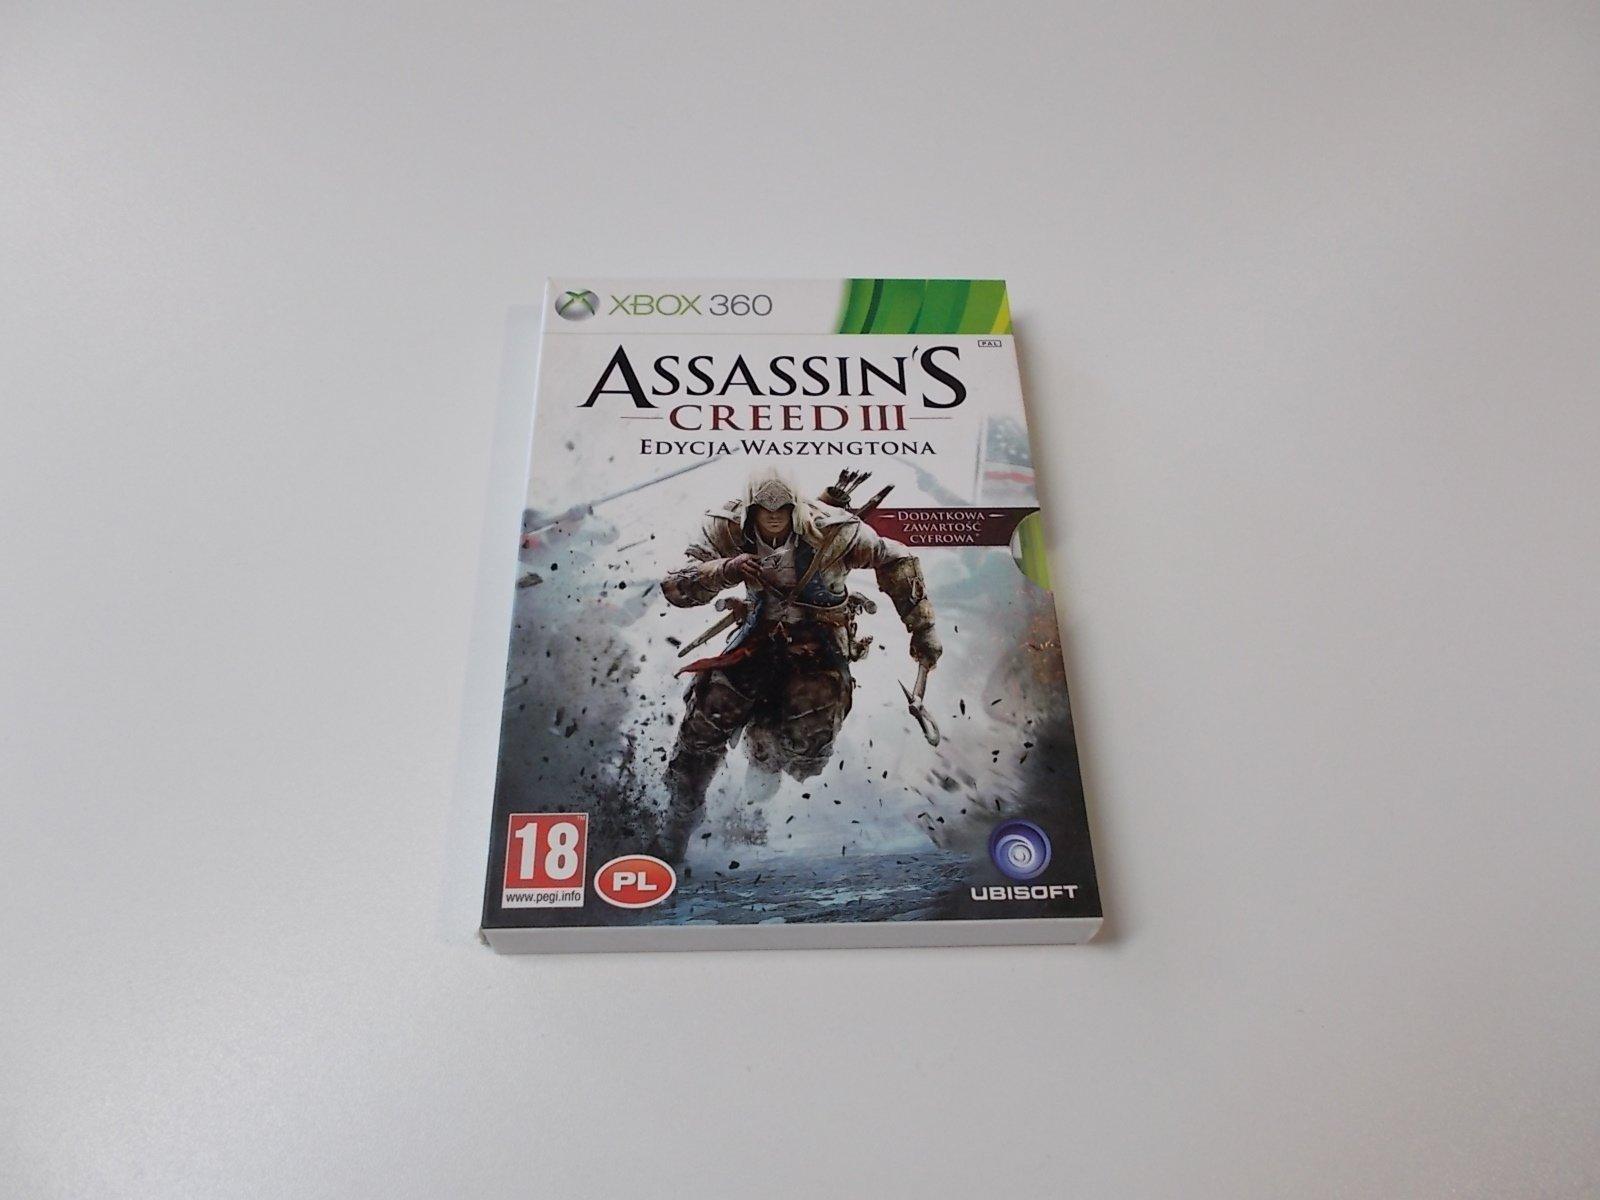 Assassin's Creed 3 Edycja Waszyngtona - GRA Xbox 360 - Opole 0436